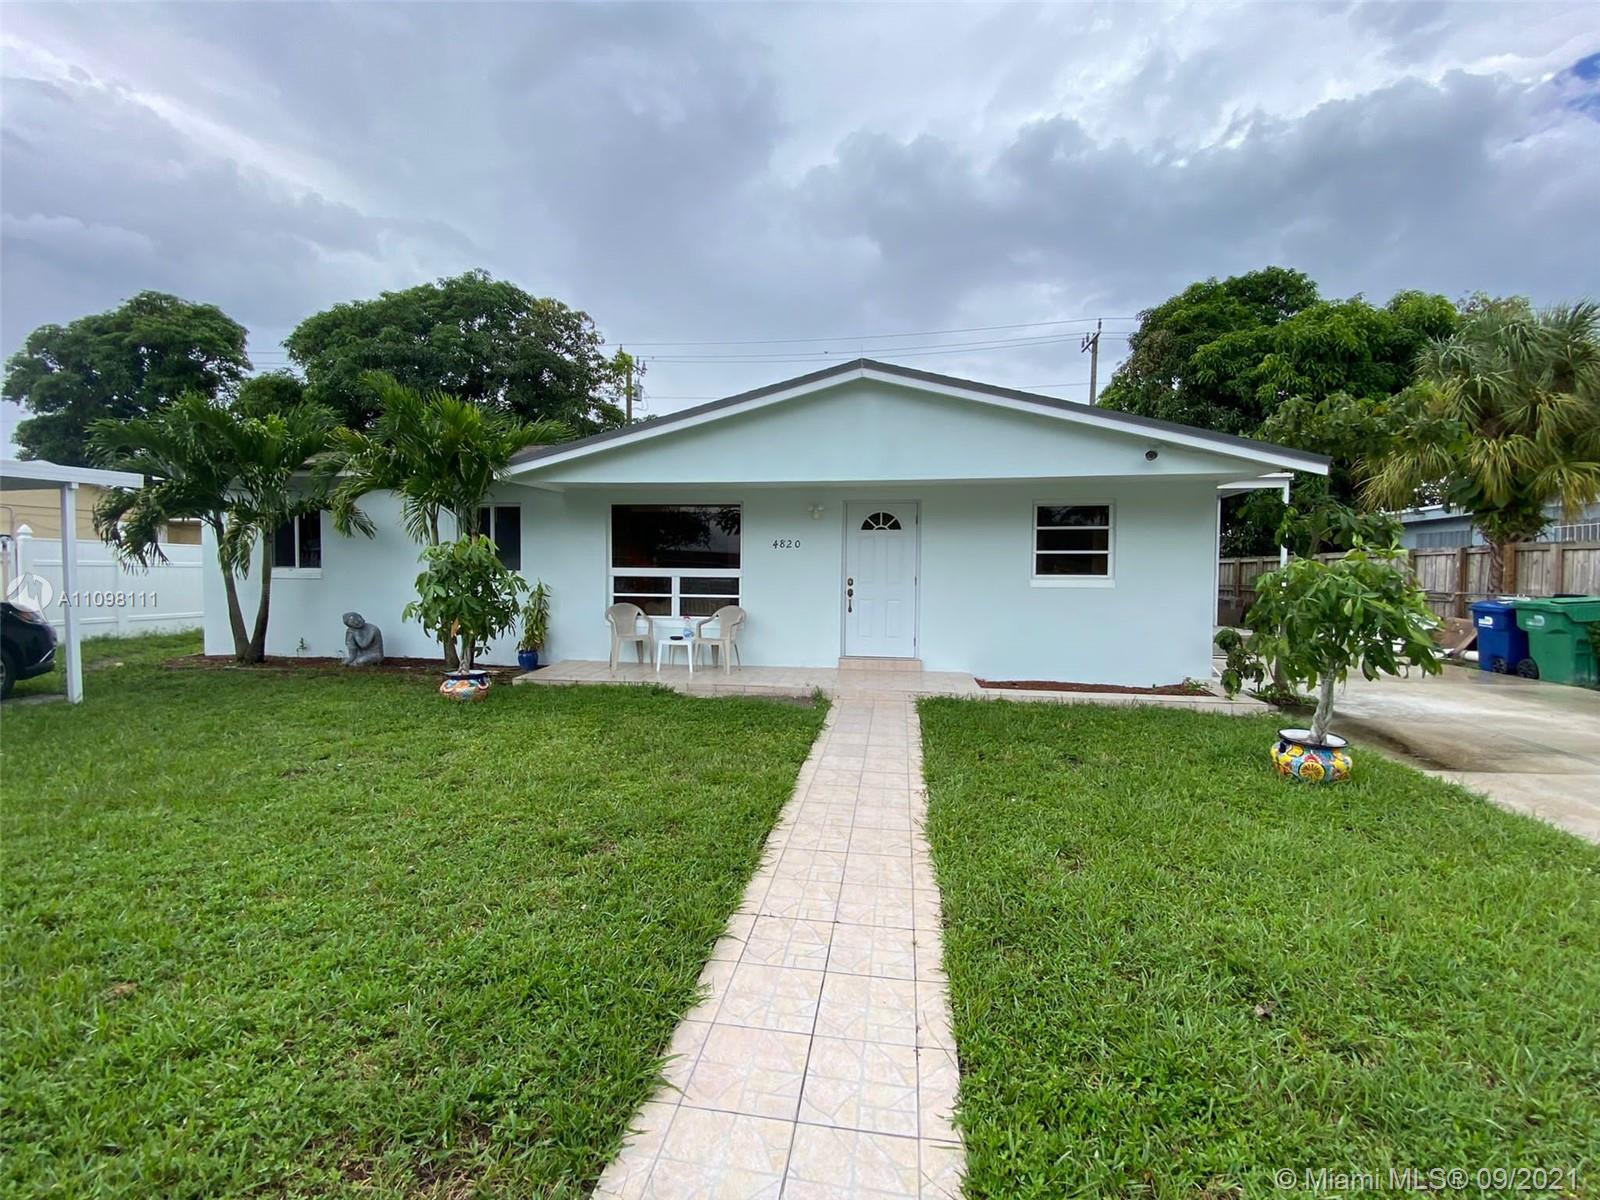 4820 191st St, Miami Gardens, Florida 33055